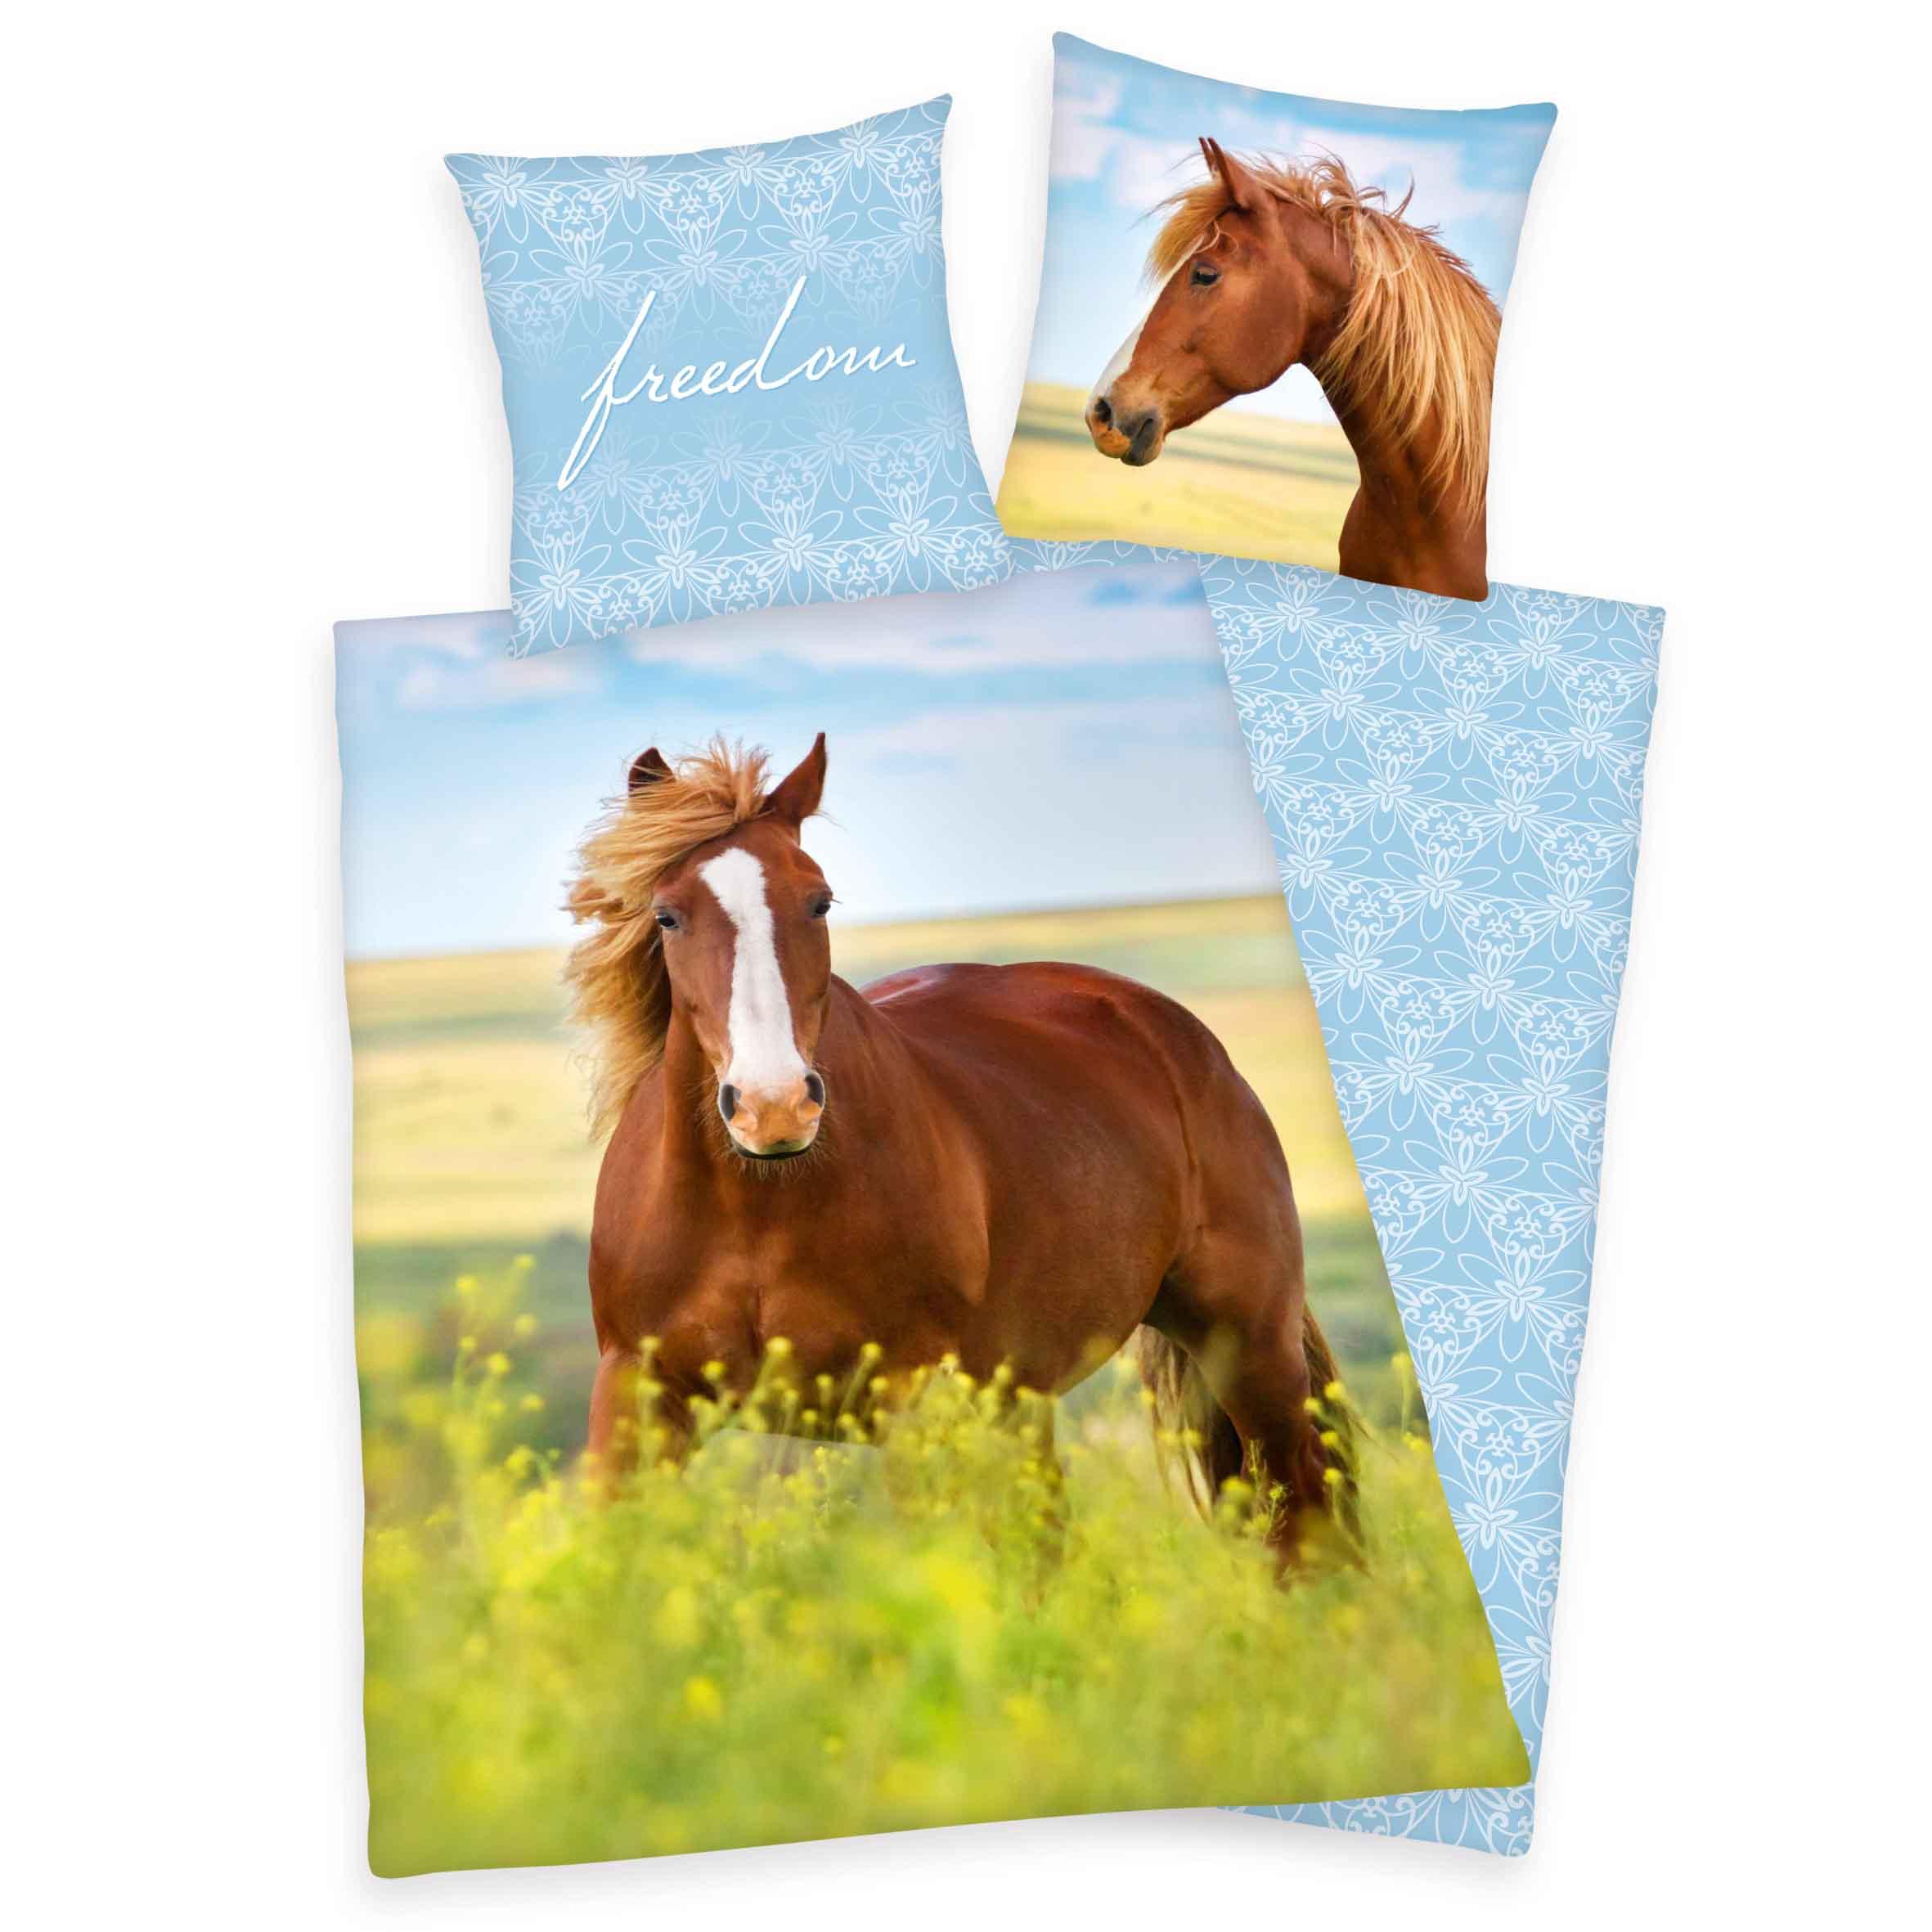 Produktbild Bettwäsche Pferde Rapsfeld blau grün braun Bettwäsche Vorderseite Rückseite